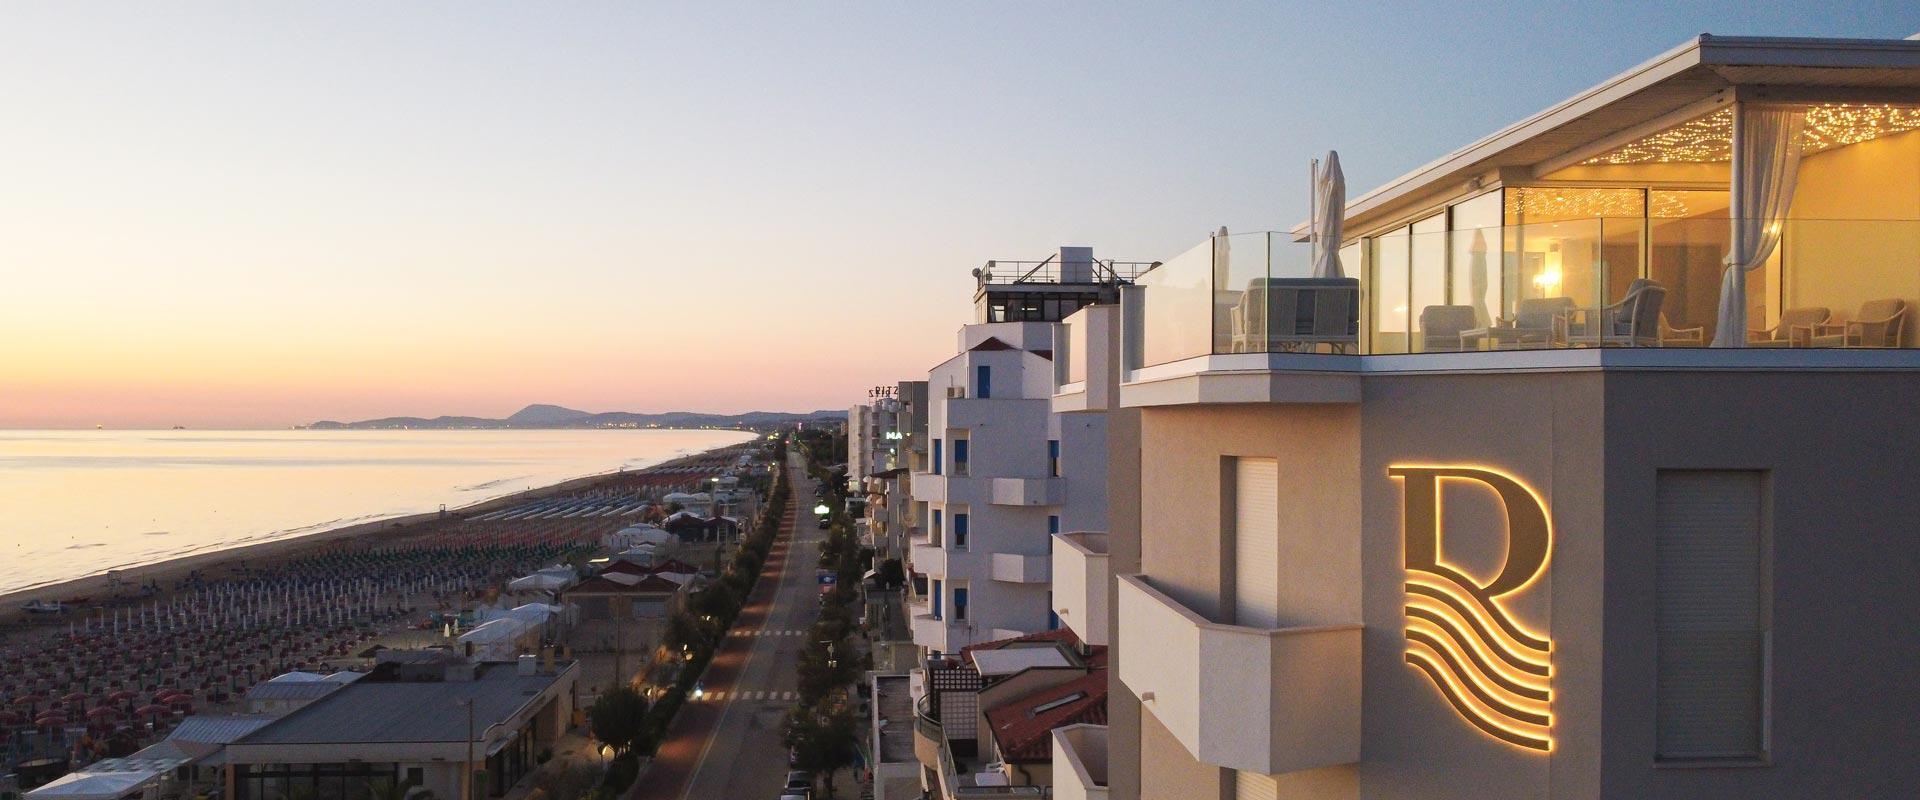 hotel vista mare senigallia